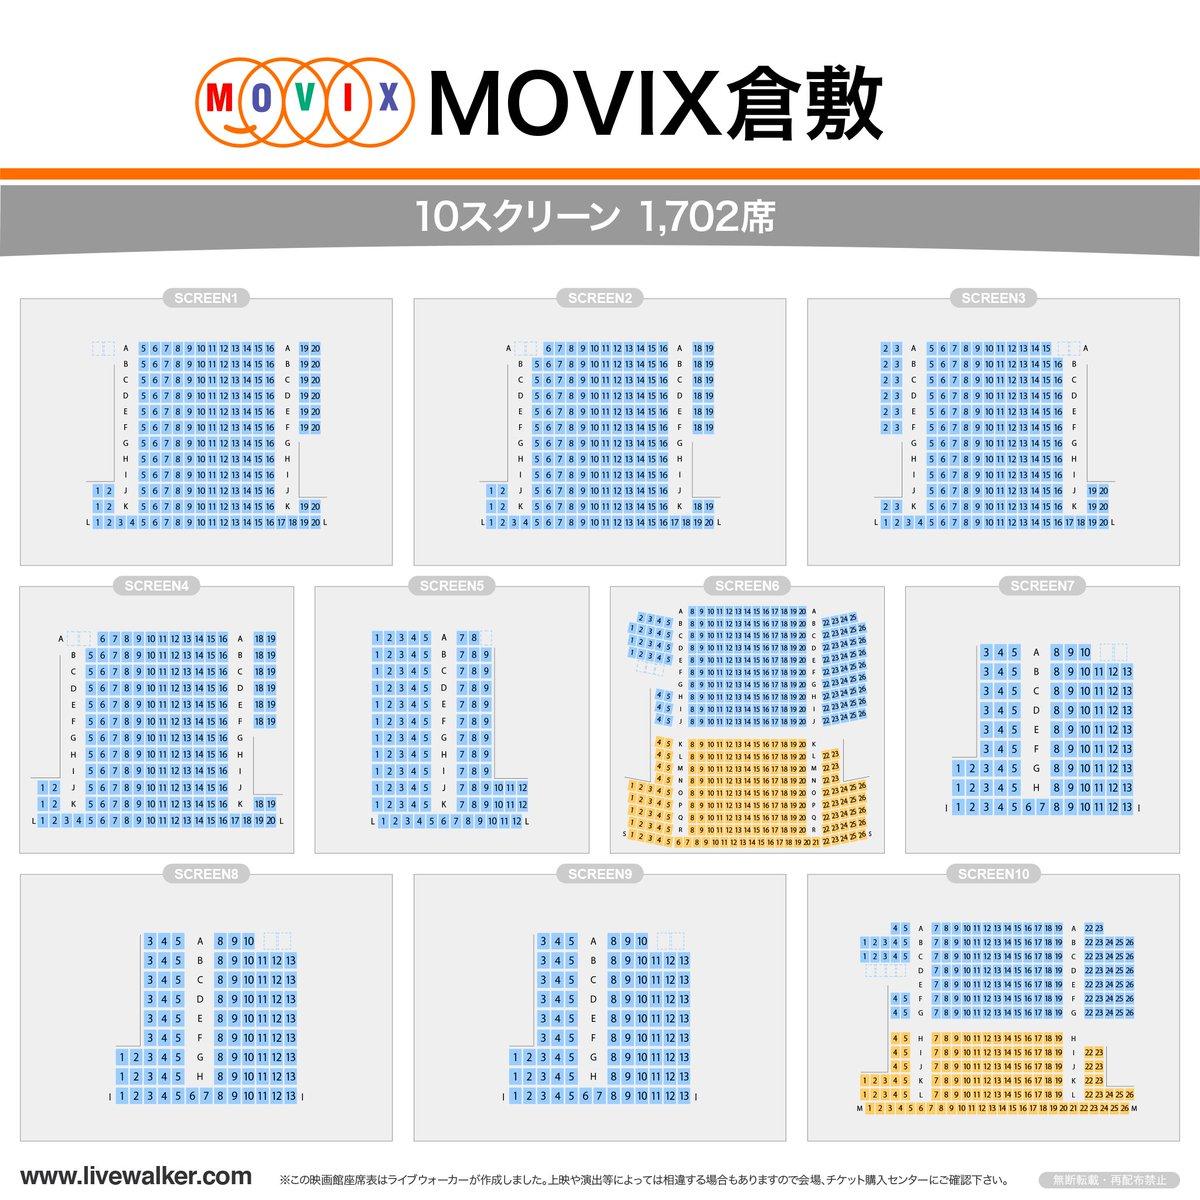 Movix 倉敷